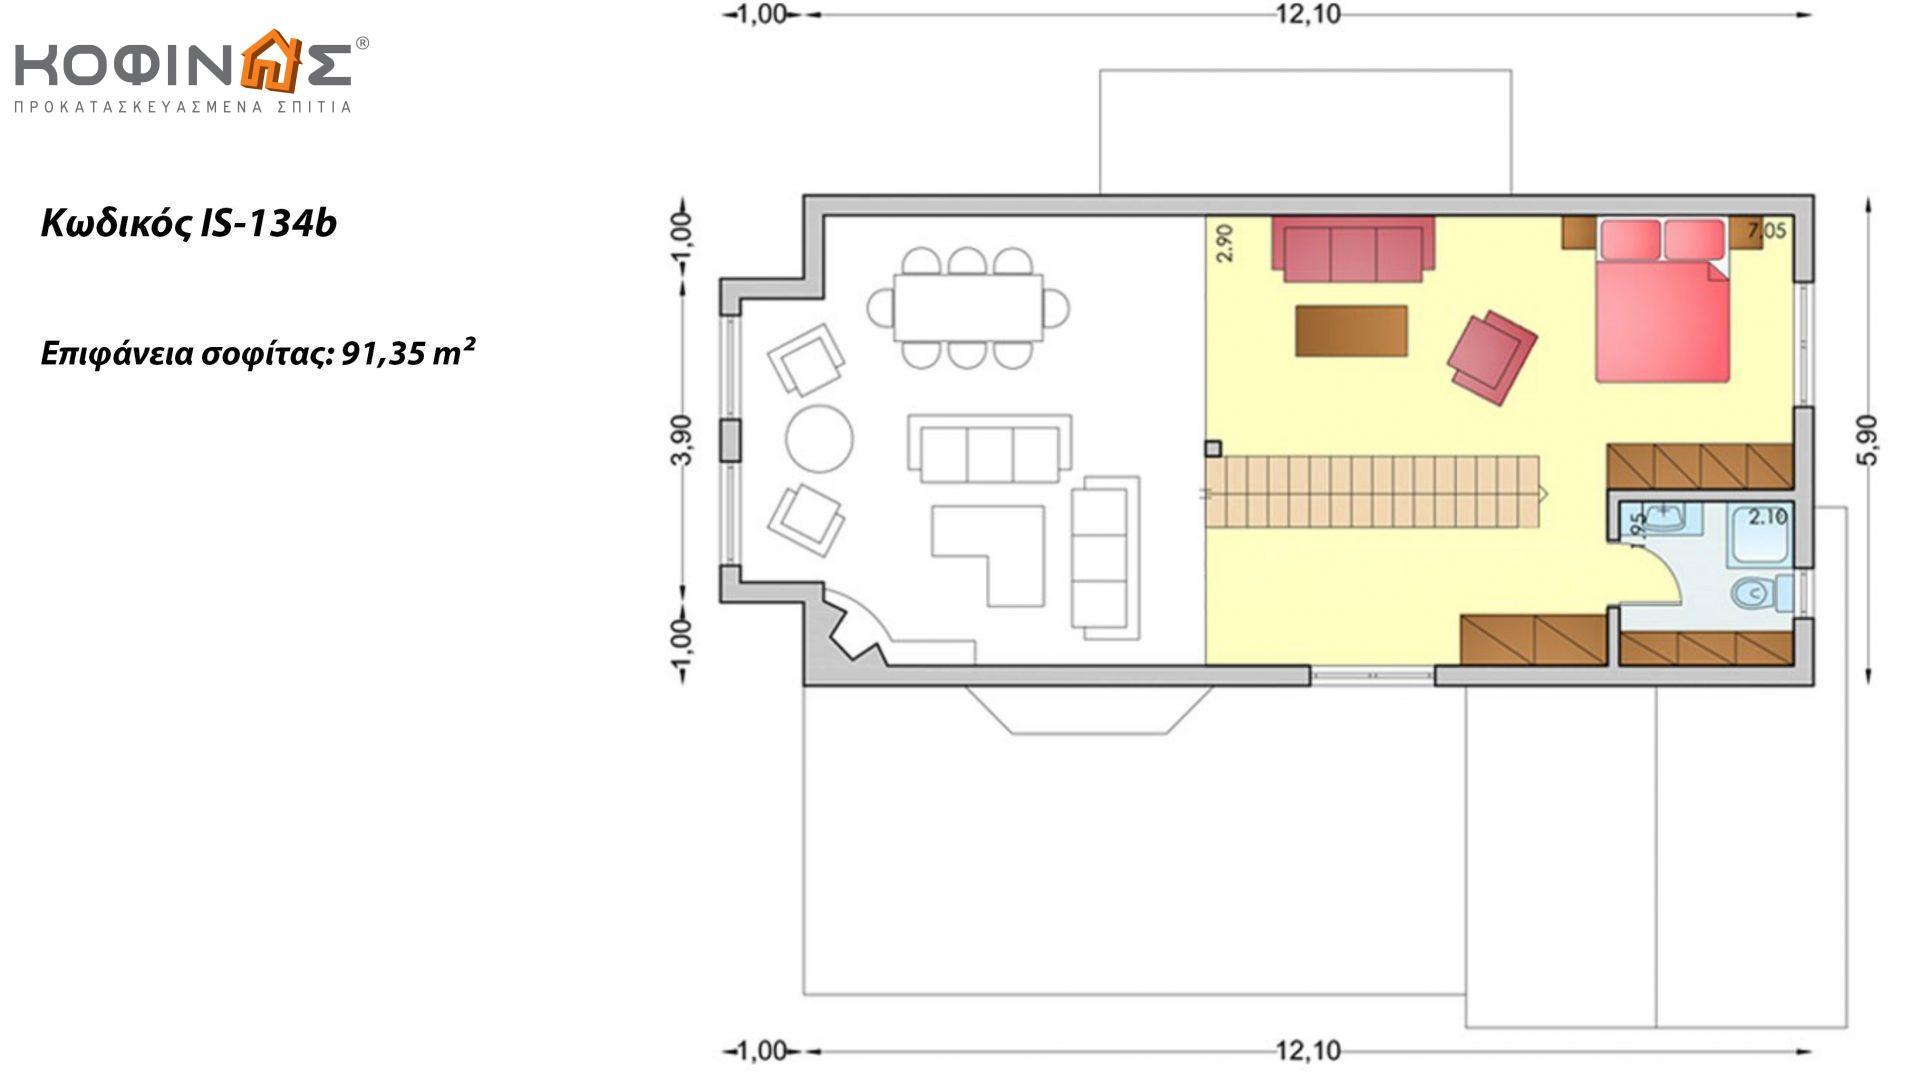 Ισόγεια Κατοικία με Σοφίτα IS-134b, συνολικής επιφάνειας 134,25 τ.μ. ,συνολική επιφάνεια στεγασμένων χώρων 36,90 τ.μ.